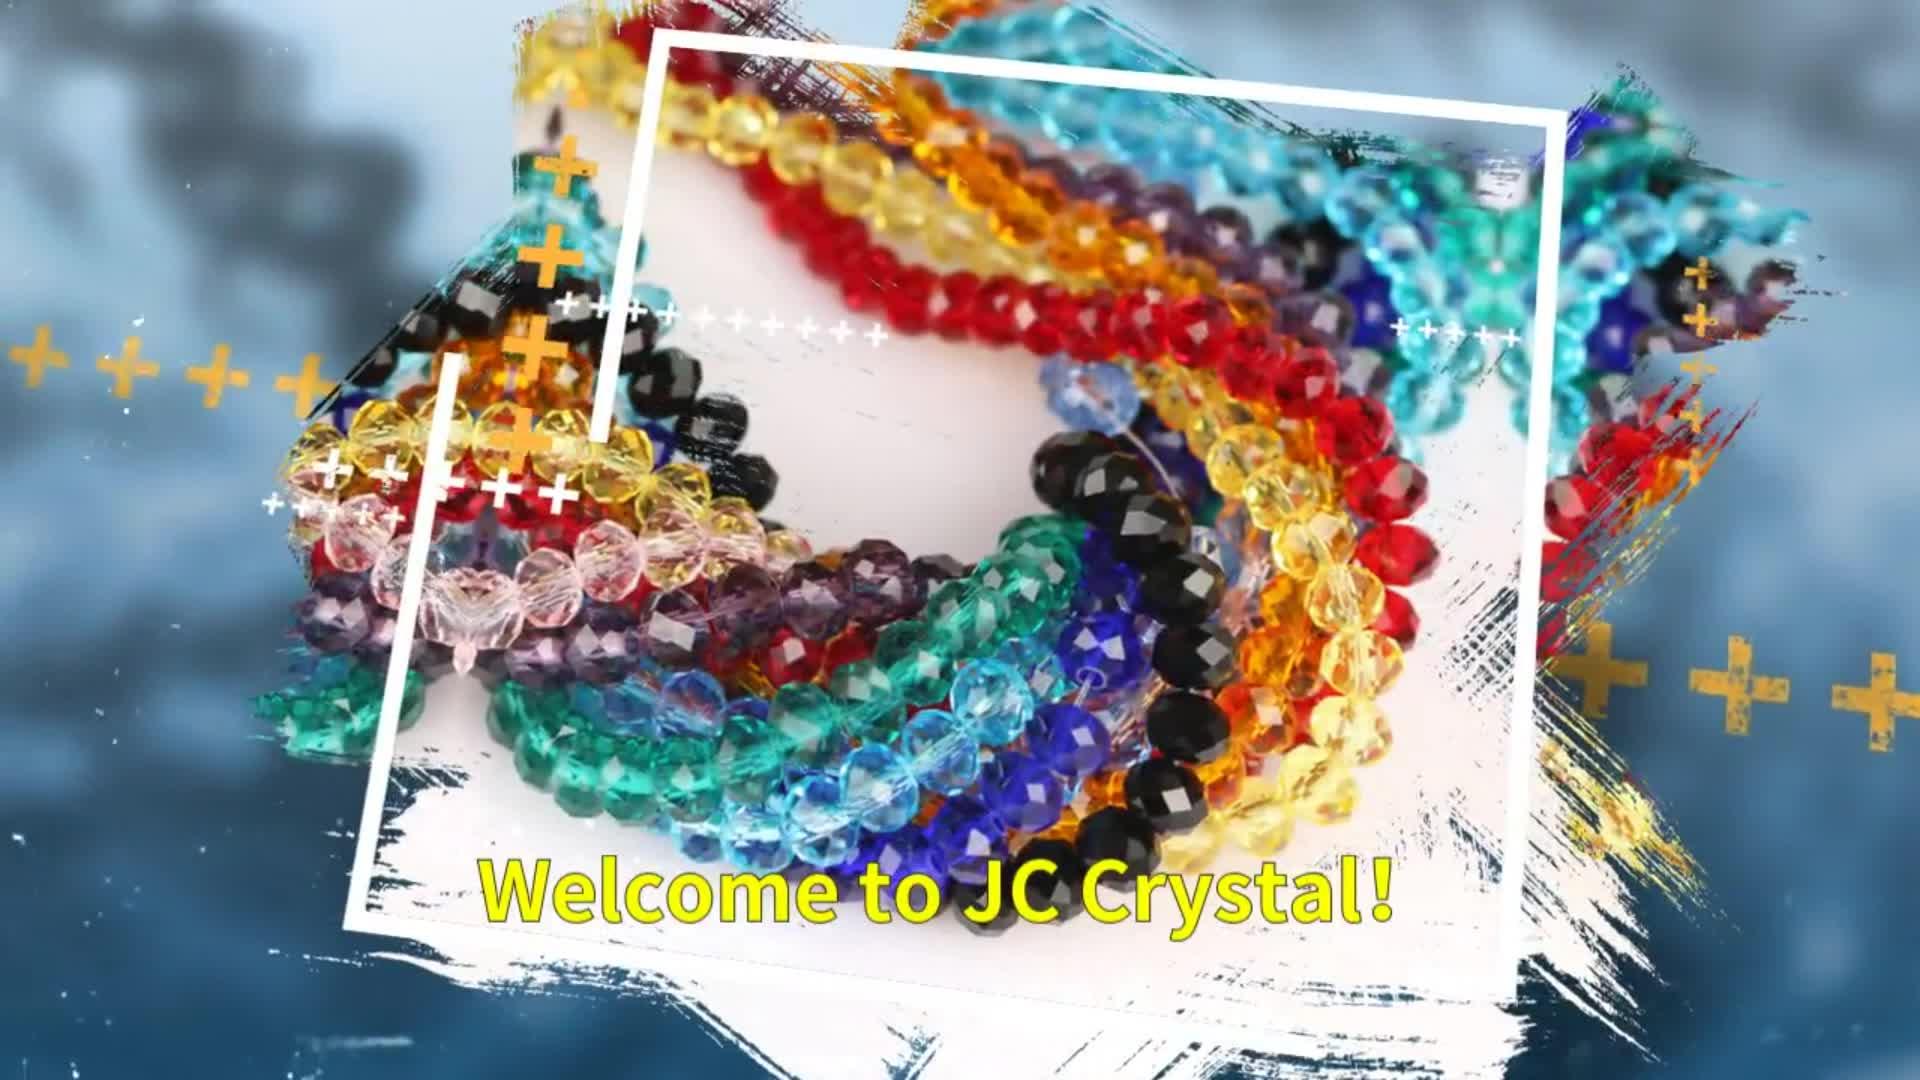 Vendita Diretta della fabbrica branelli allentati rotondi perline di cristallo per la decorazione di vetro branelli allentati